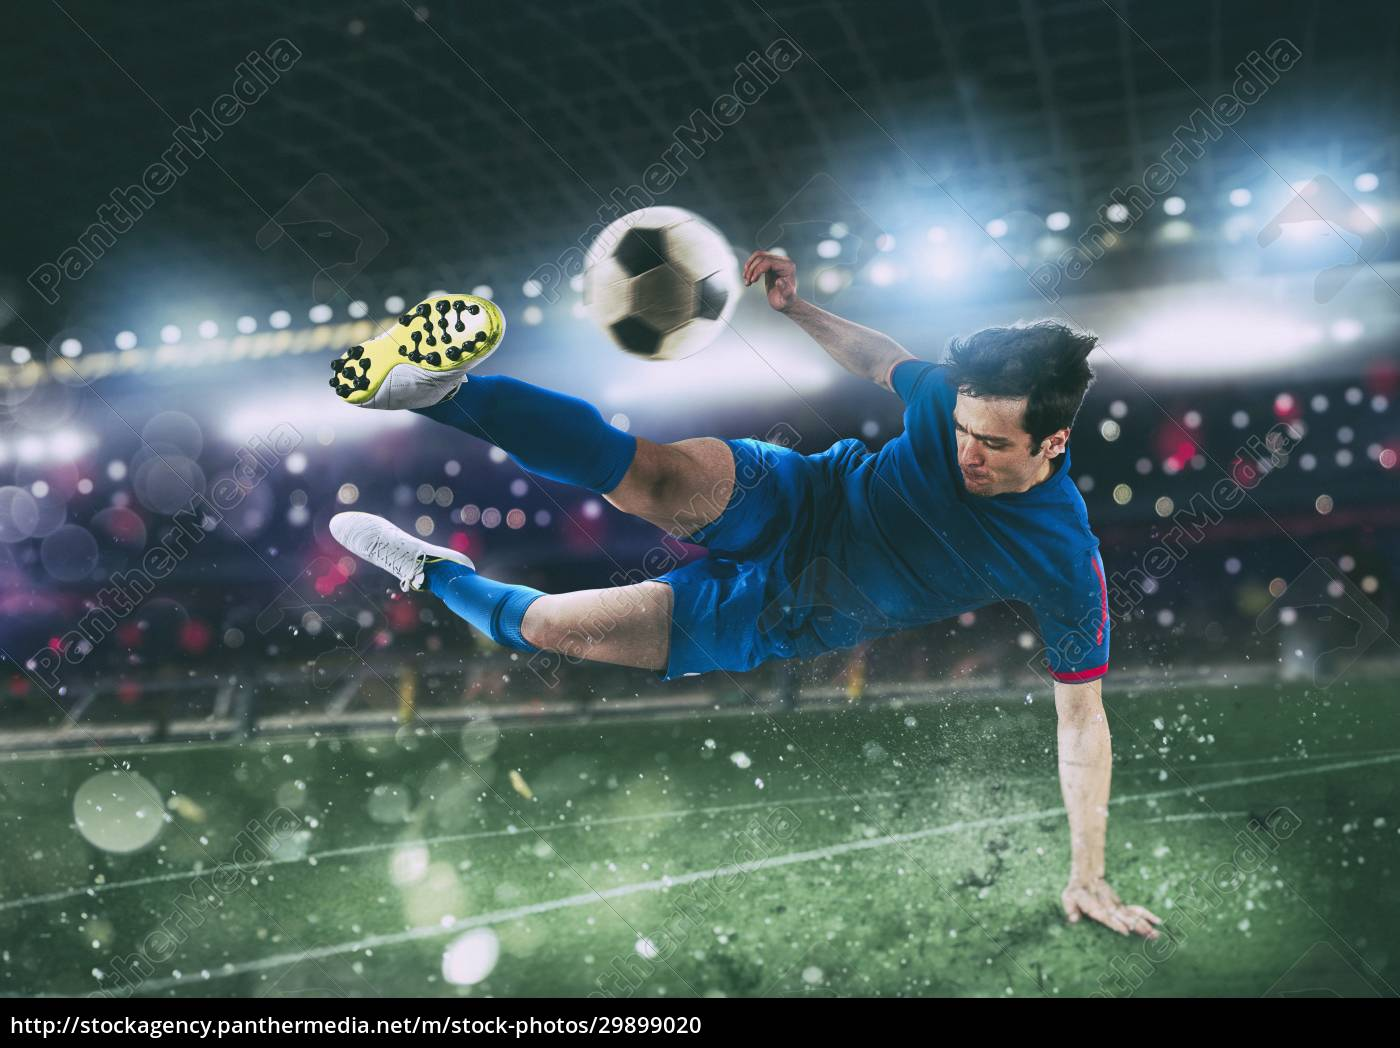 scena, piłki, nożnej, w, nocnym, meczu - 29899020